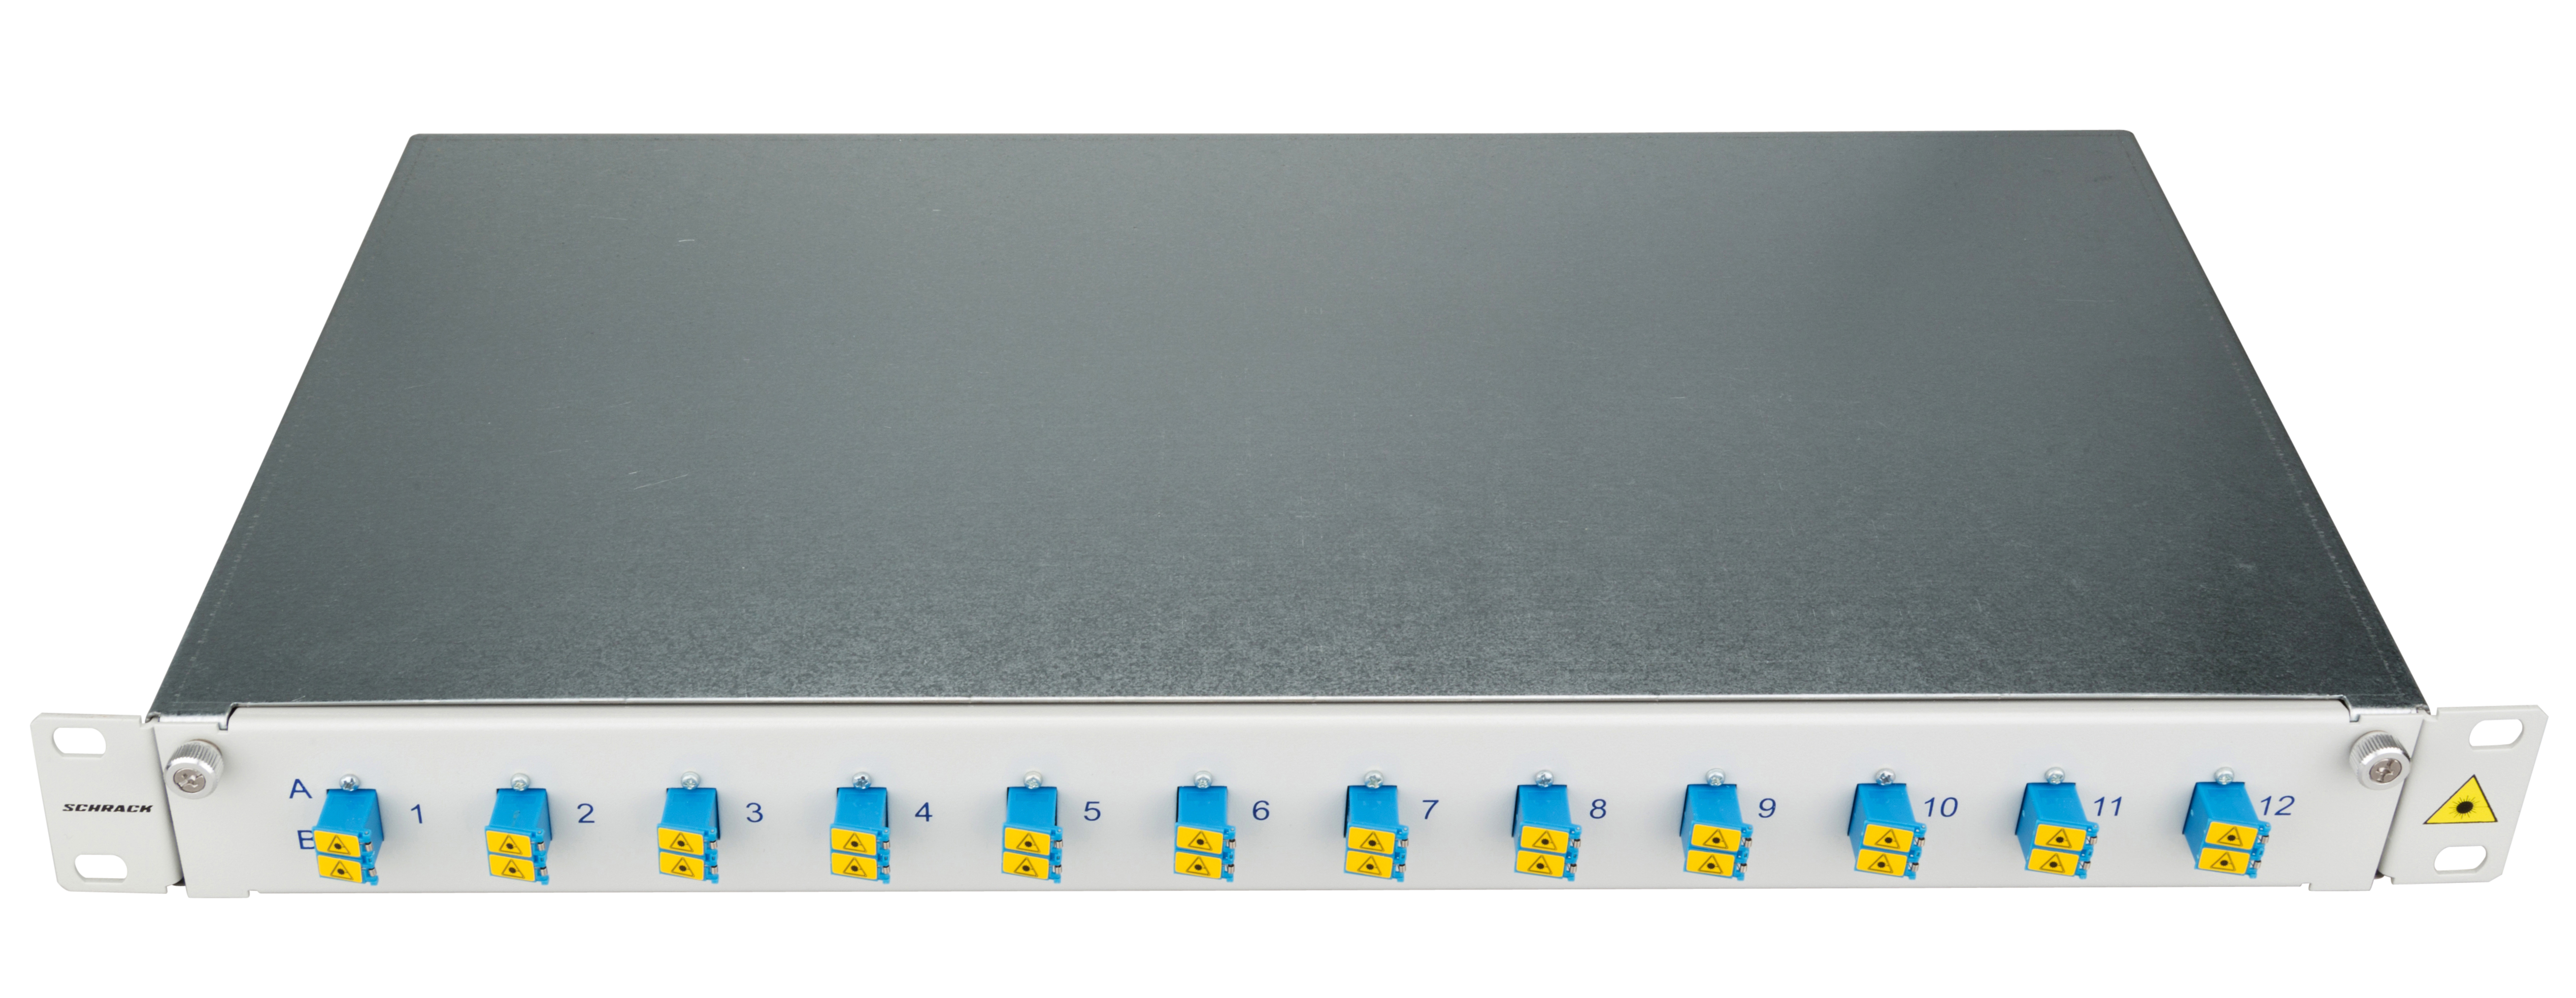 1 Stk LWL Patchpanel 19, 1 HE, ausziehbar, für 24 Fasern, LC, SM HSELS24SLG